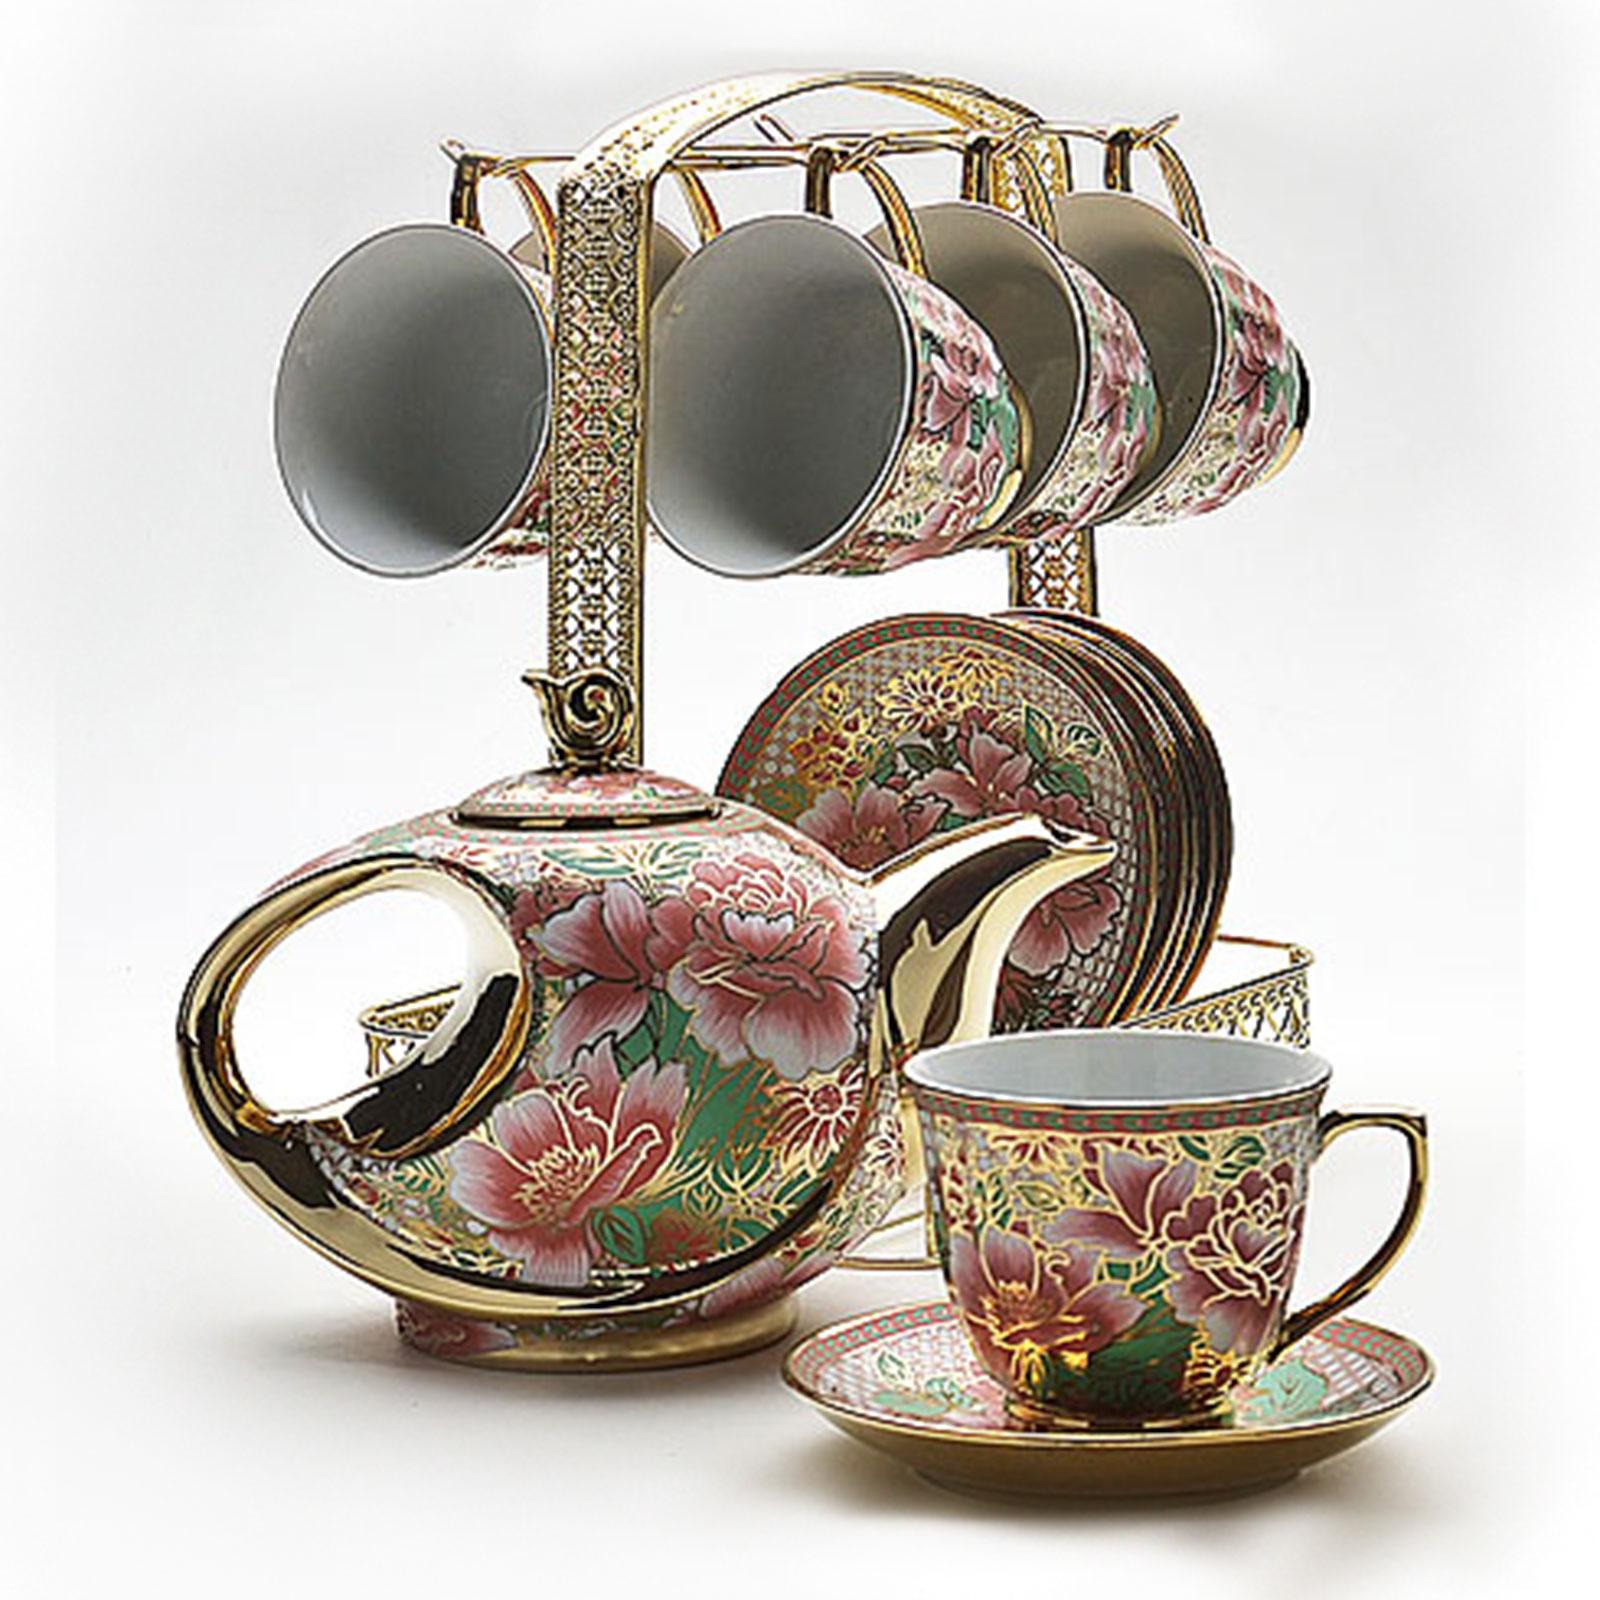 Чайный набор на золотой подставке, 14 предметов